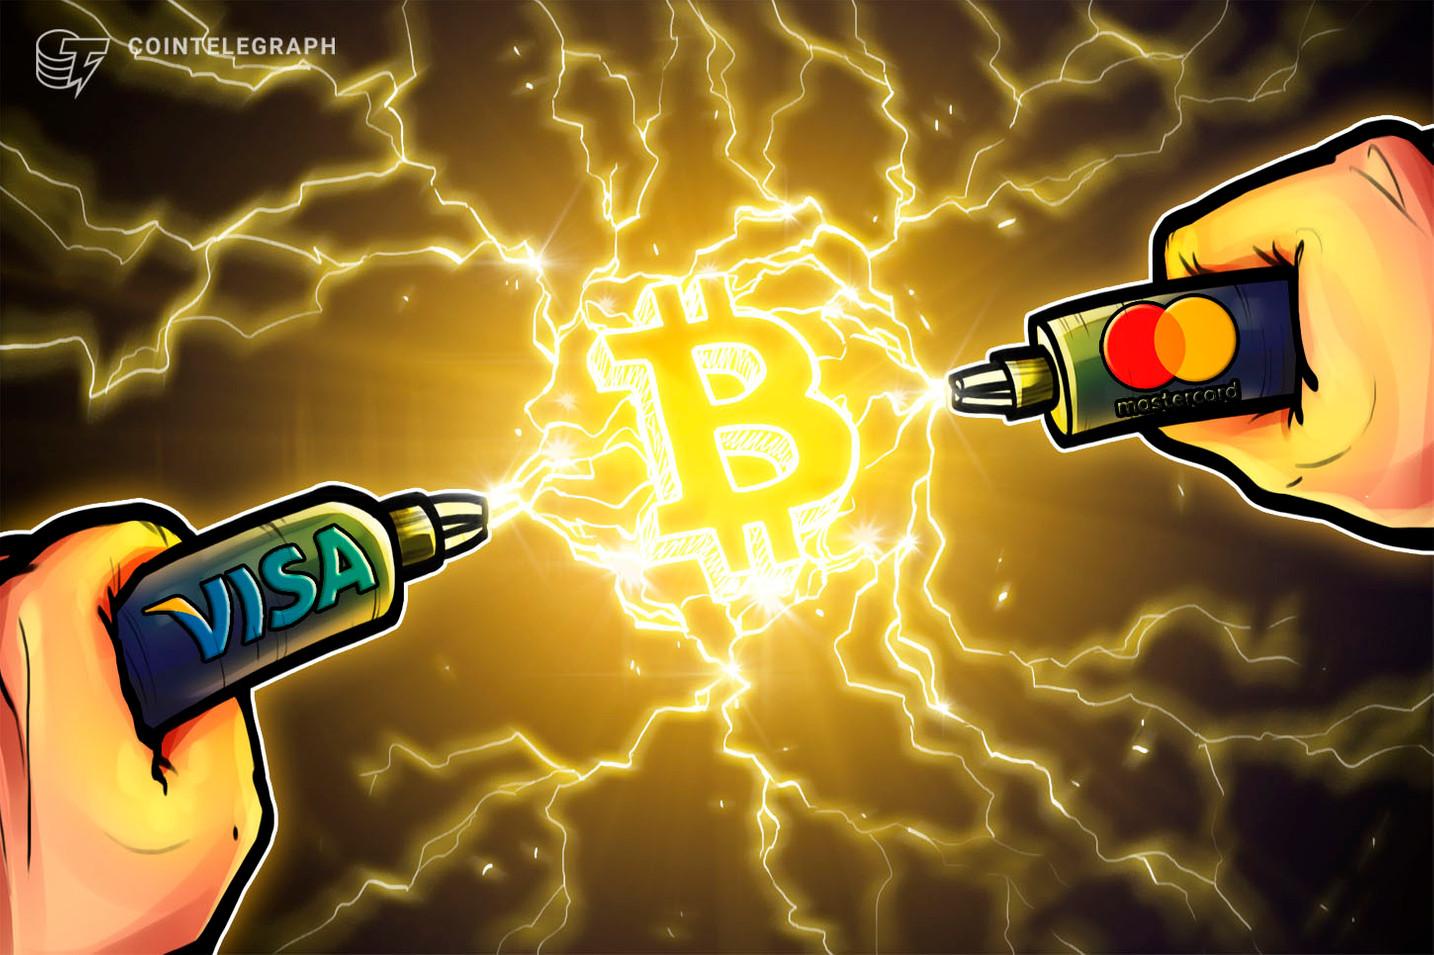 Bitcoin ahora vale más que Visa y Mastercard juntas